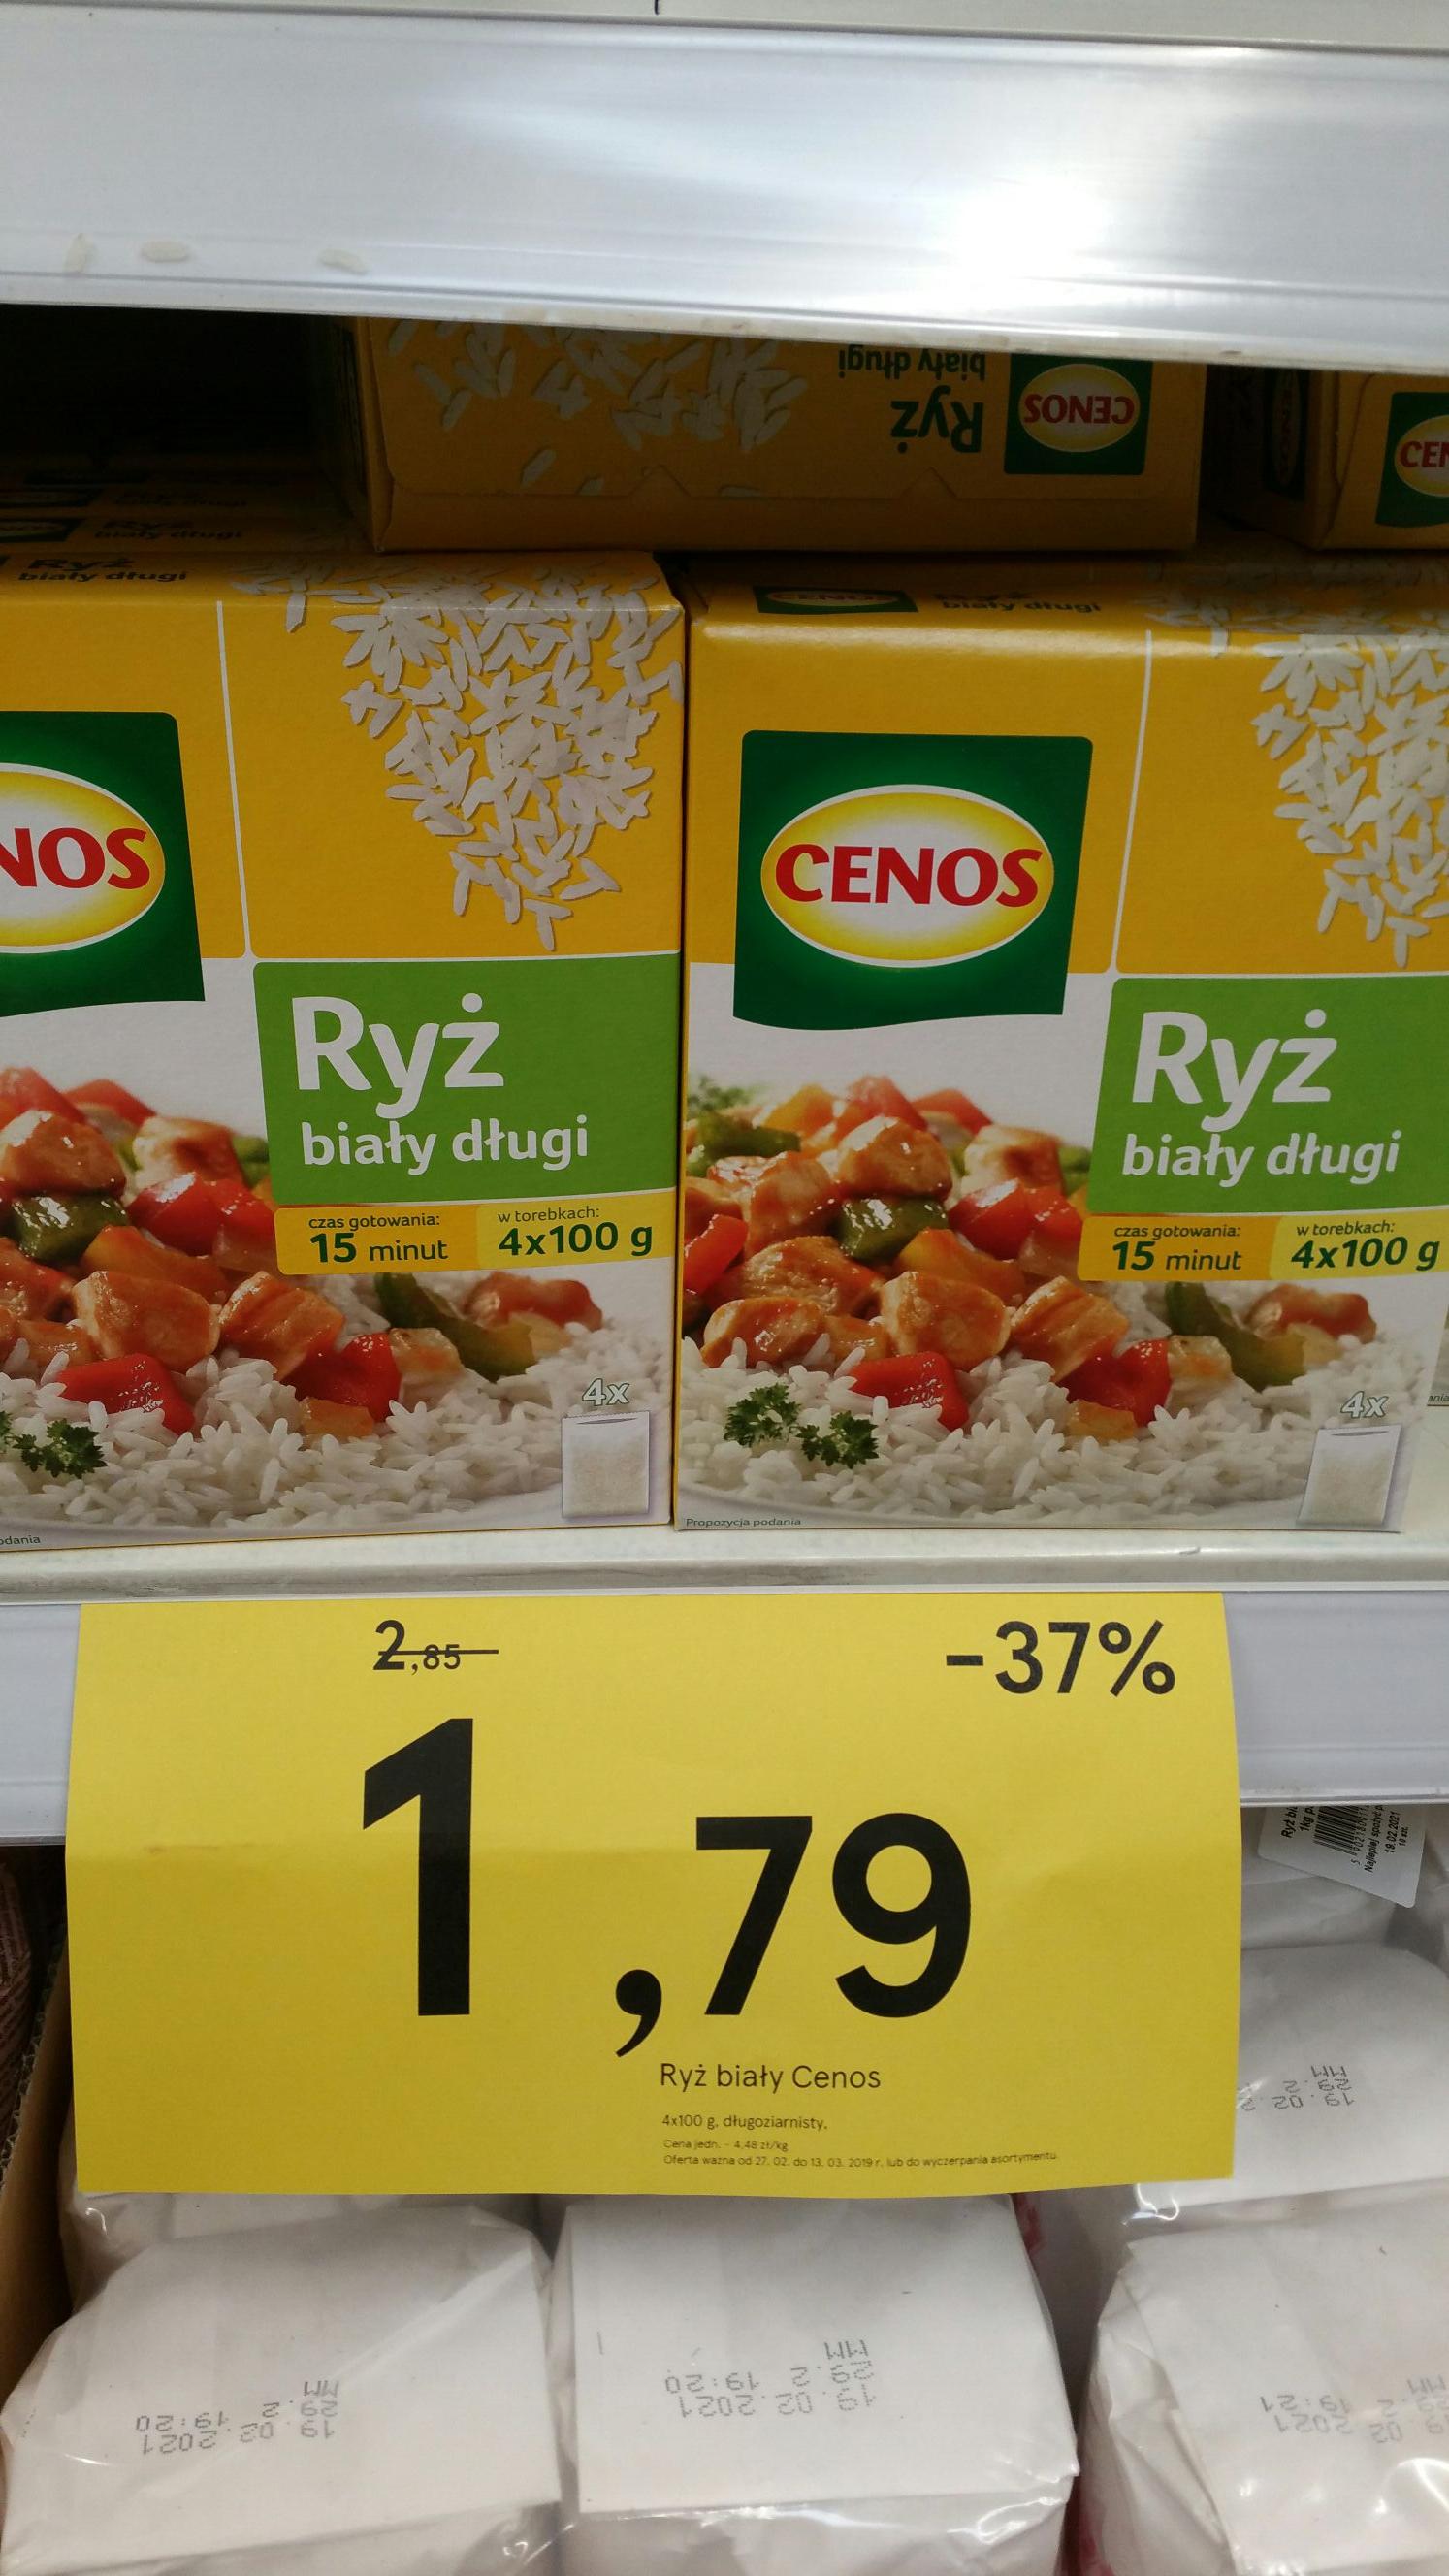 Ryż biały długi 4x100g. Cenos. Tesco